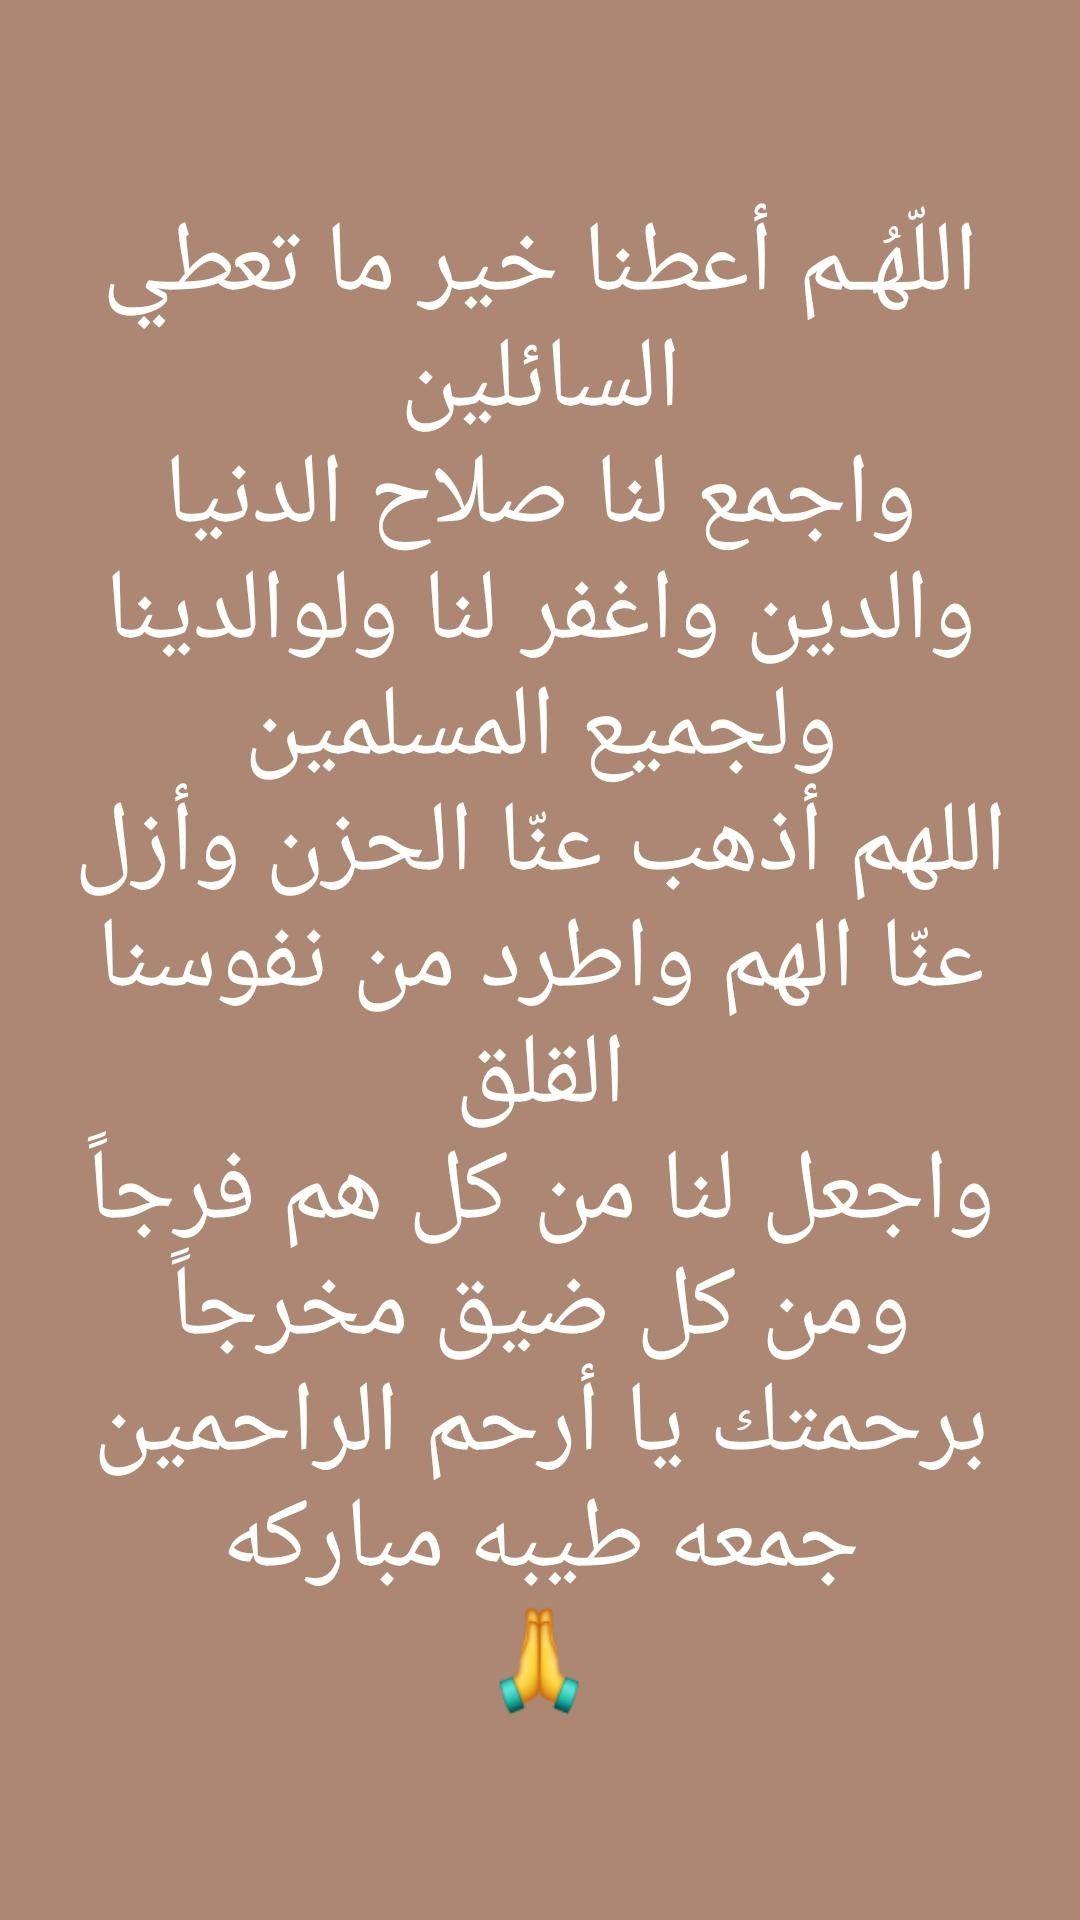 Pin By Lyan Hitham On Allah Arabic Jokes Arabic Jokes